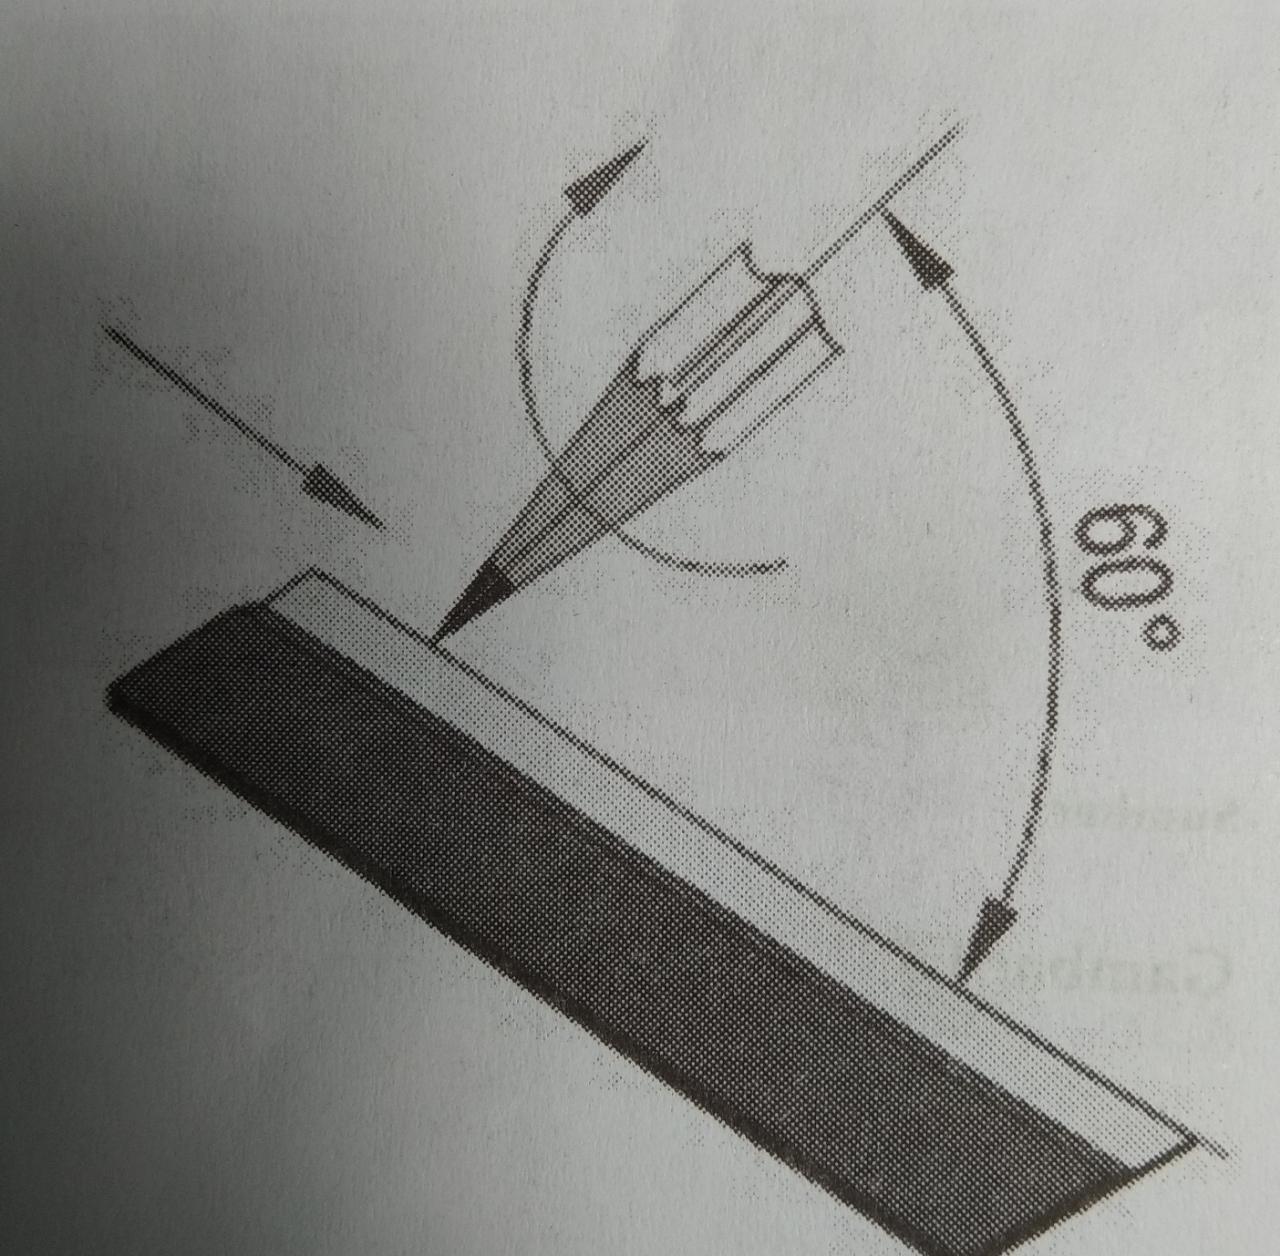 Gambar teknik mesin: Pensil